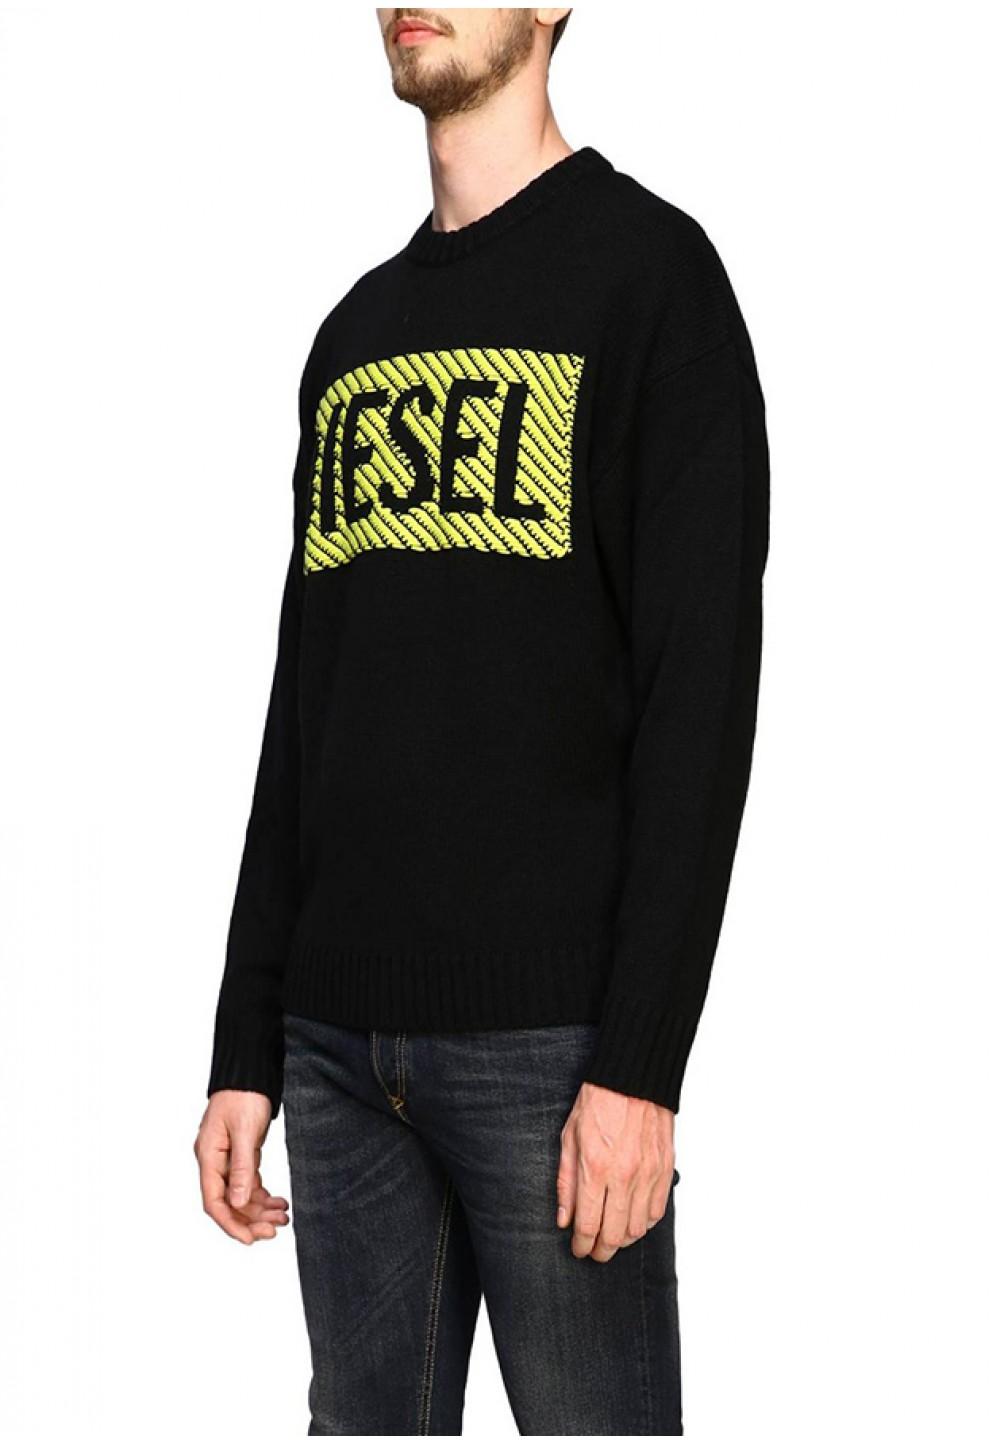 Мужской пуловер с логотипом